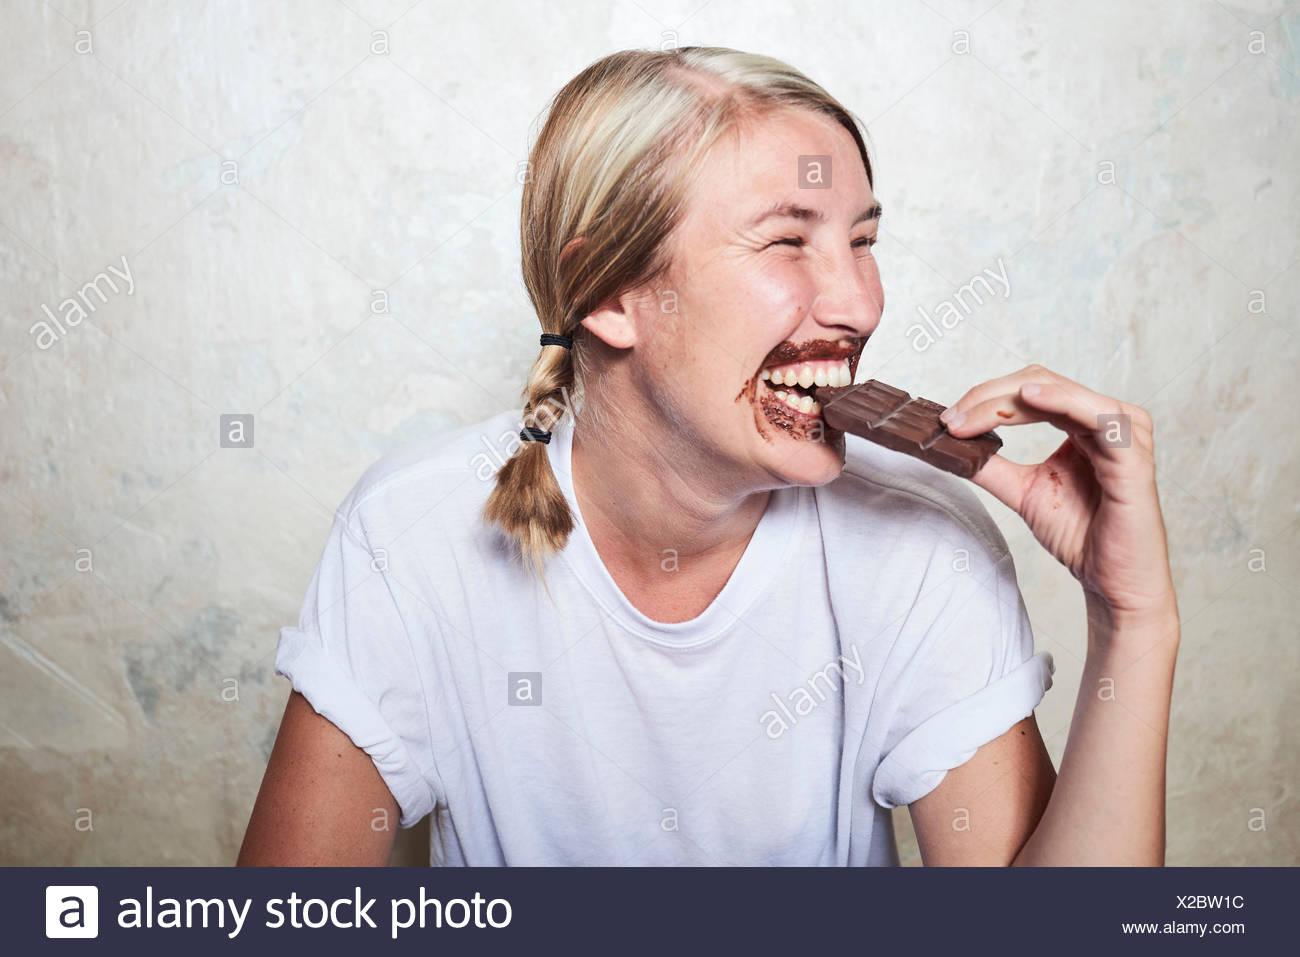 Frau essen Schokolade, Schokolade rund um Mund, Lachen Stockbild